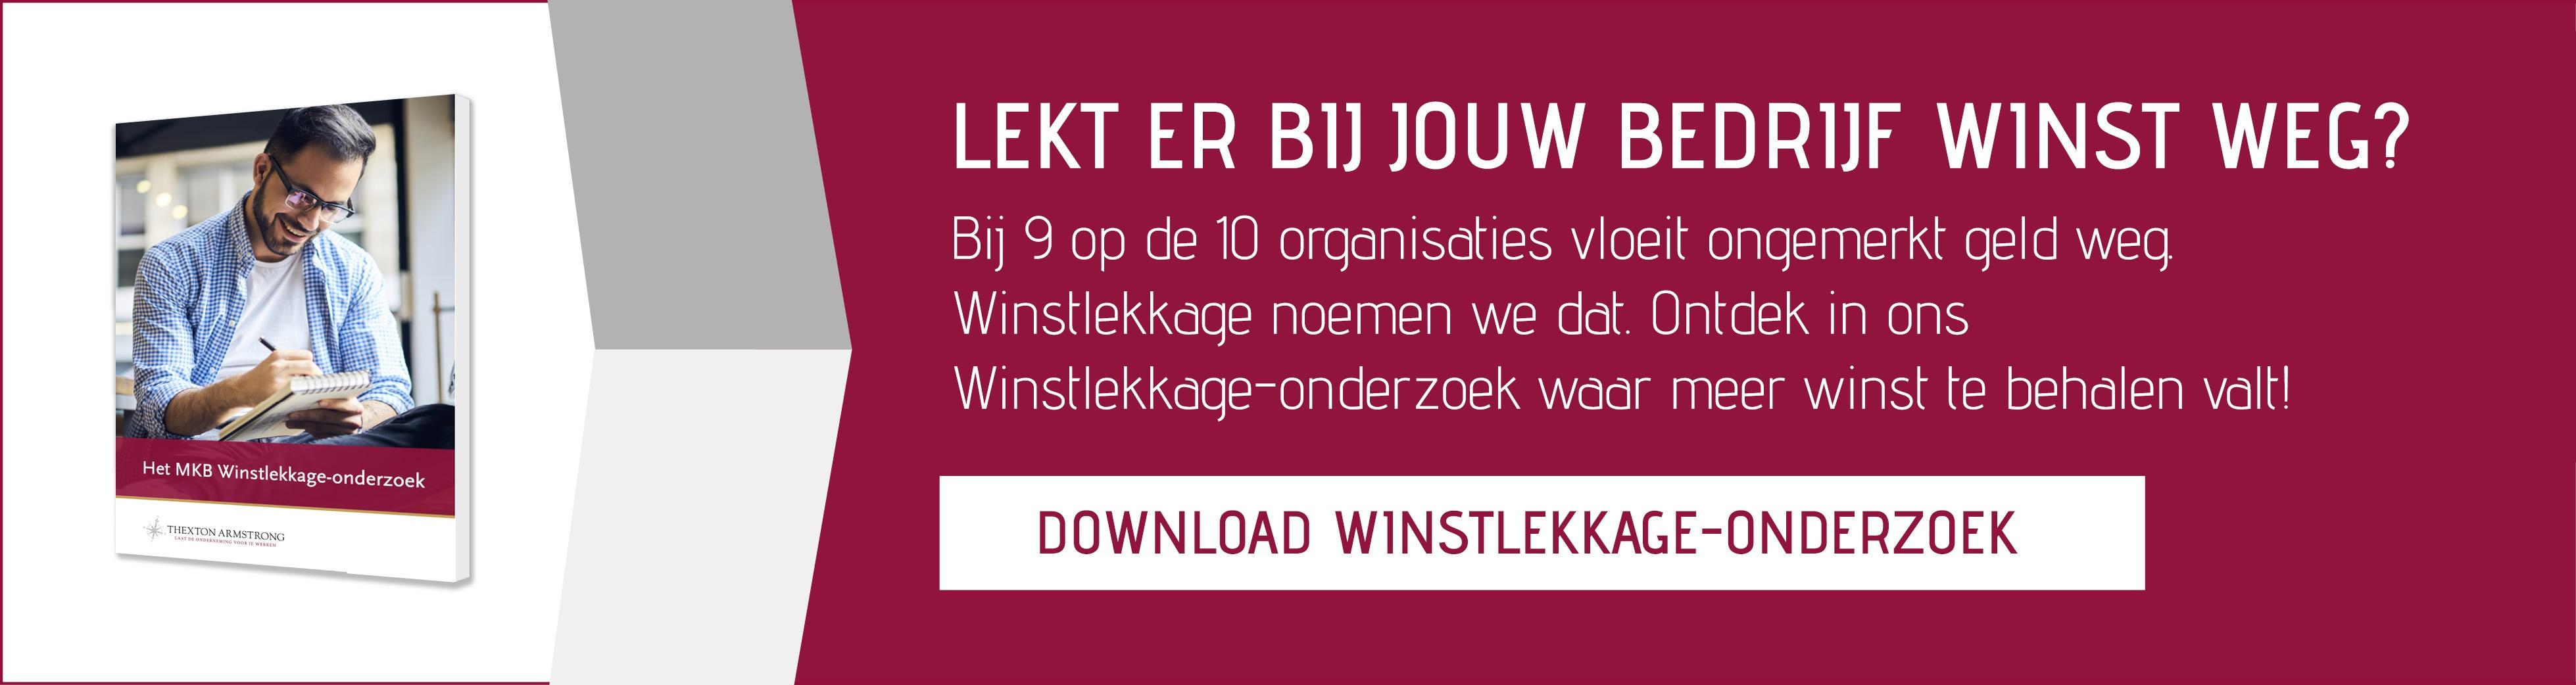 Downloadde whitepaper